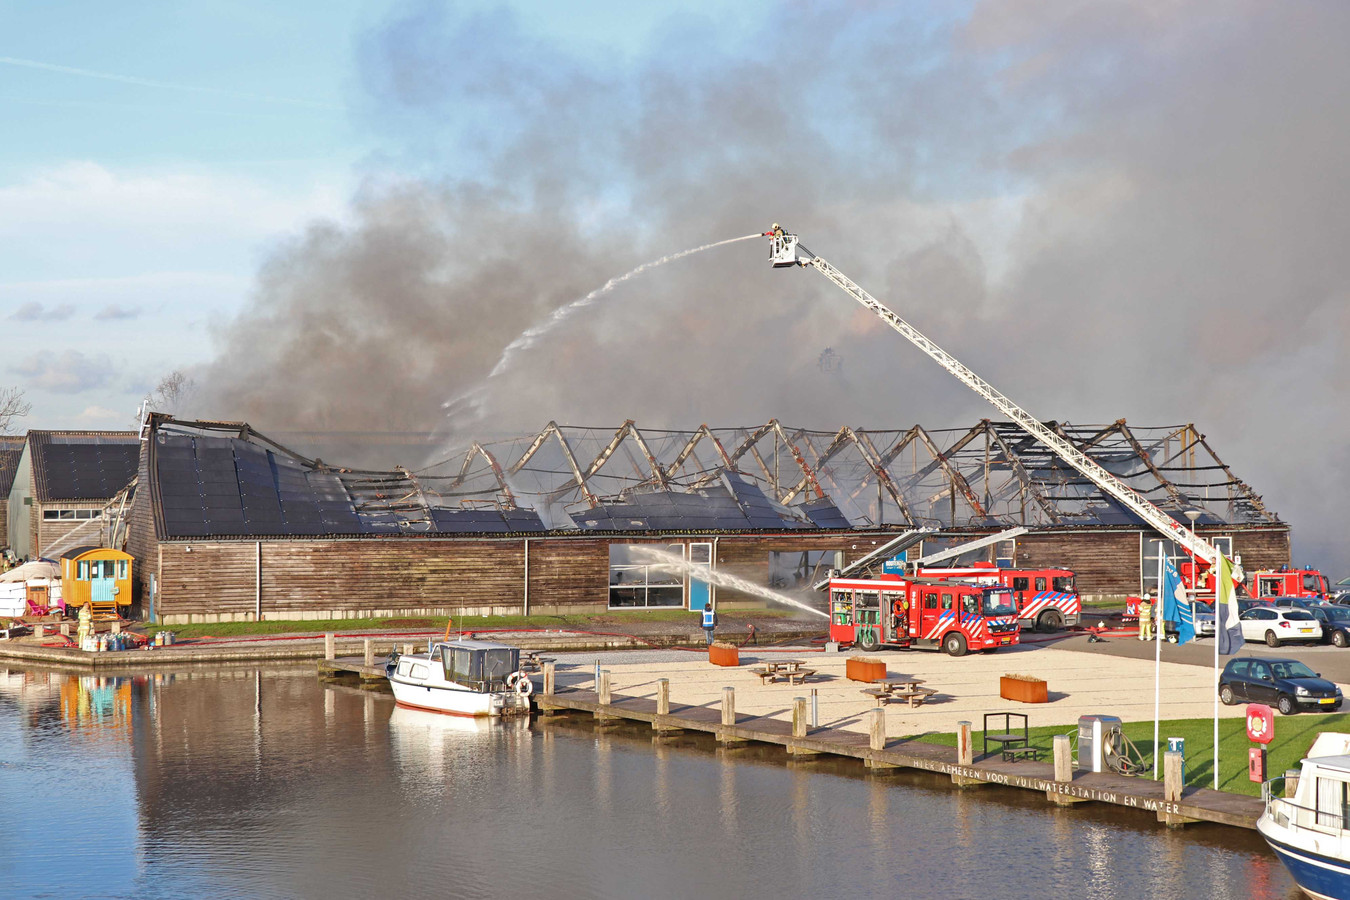 Brandweerlieden blussen de brand in de loodsen bij de IJsselsteinse jachthaven Marnemoende.